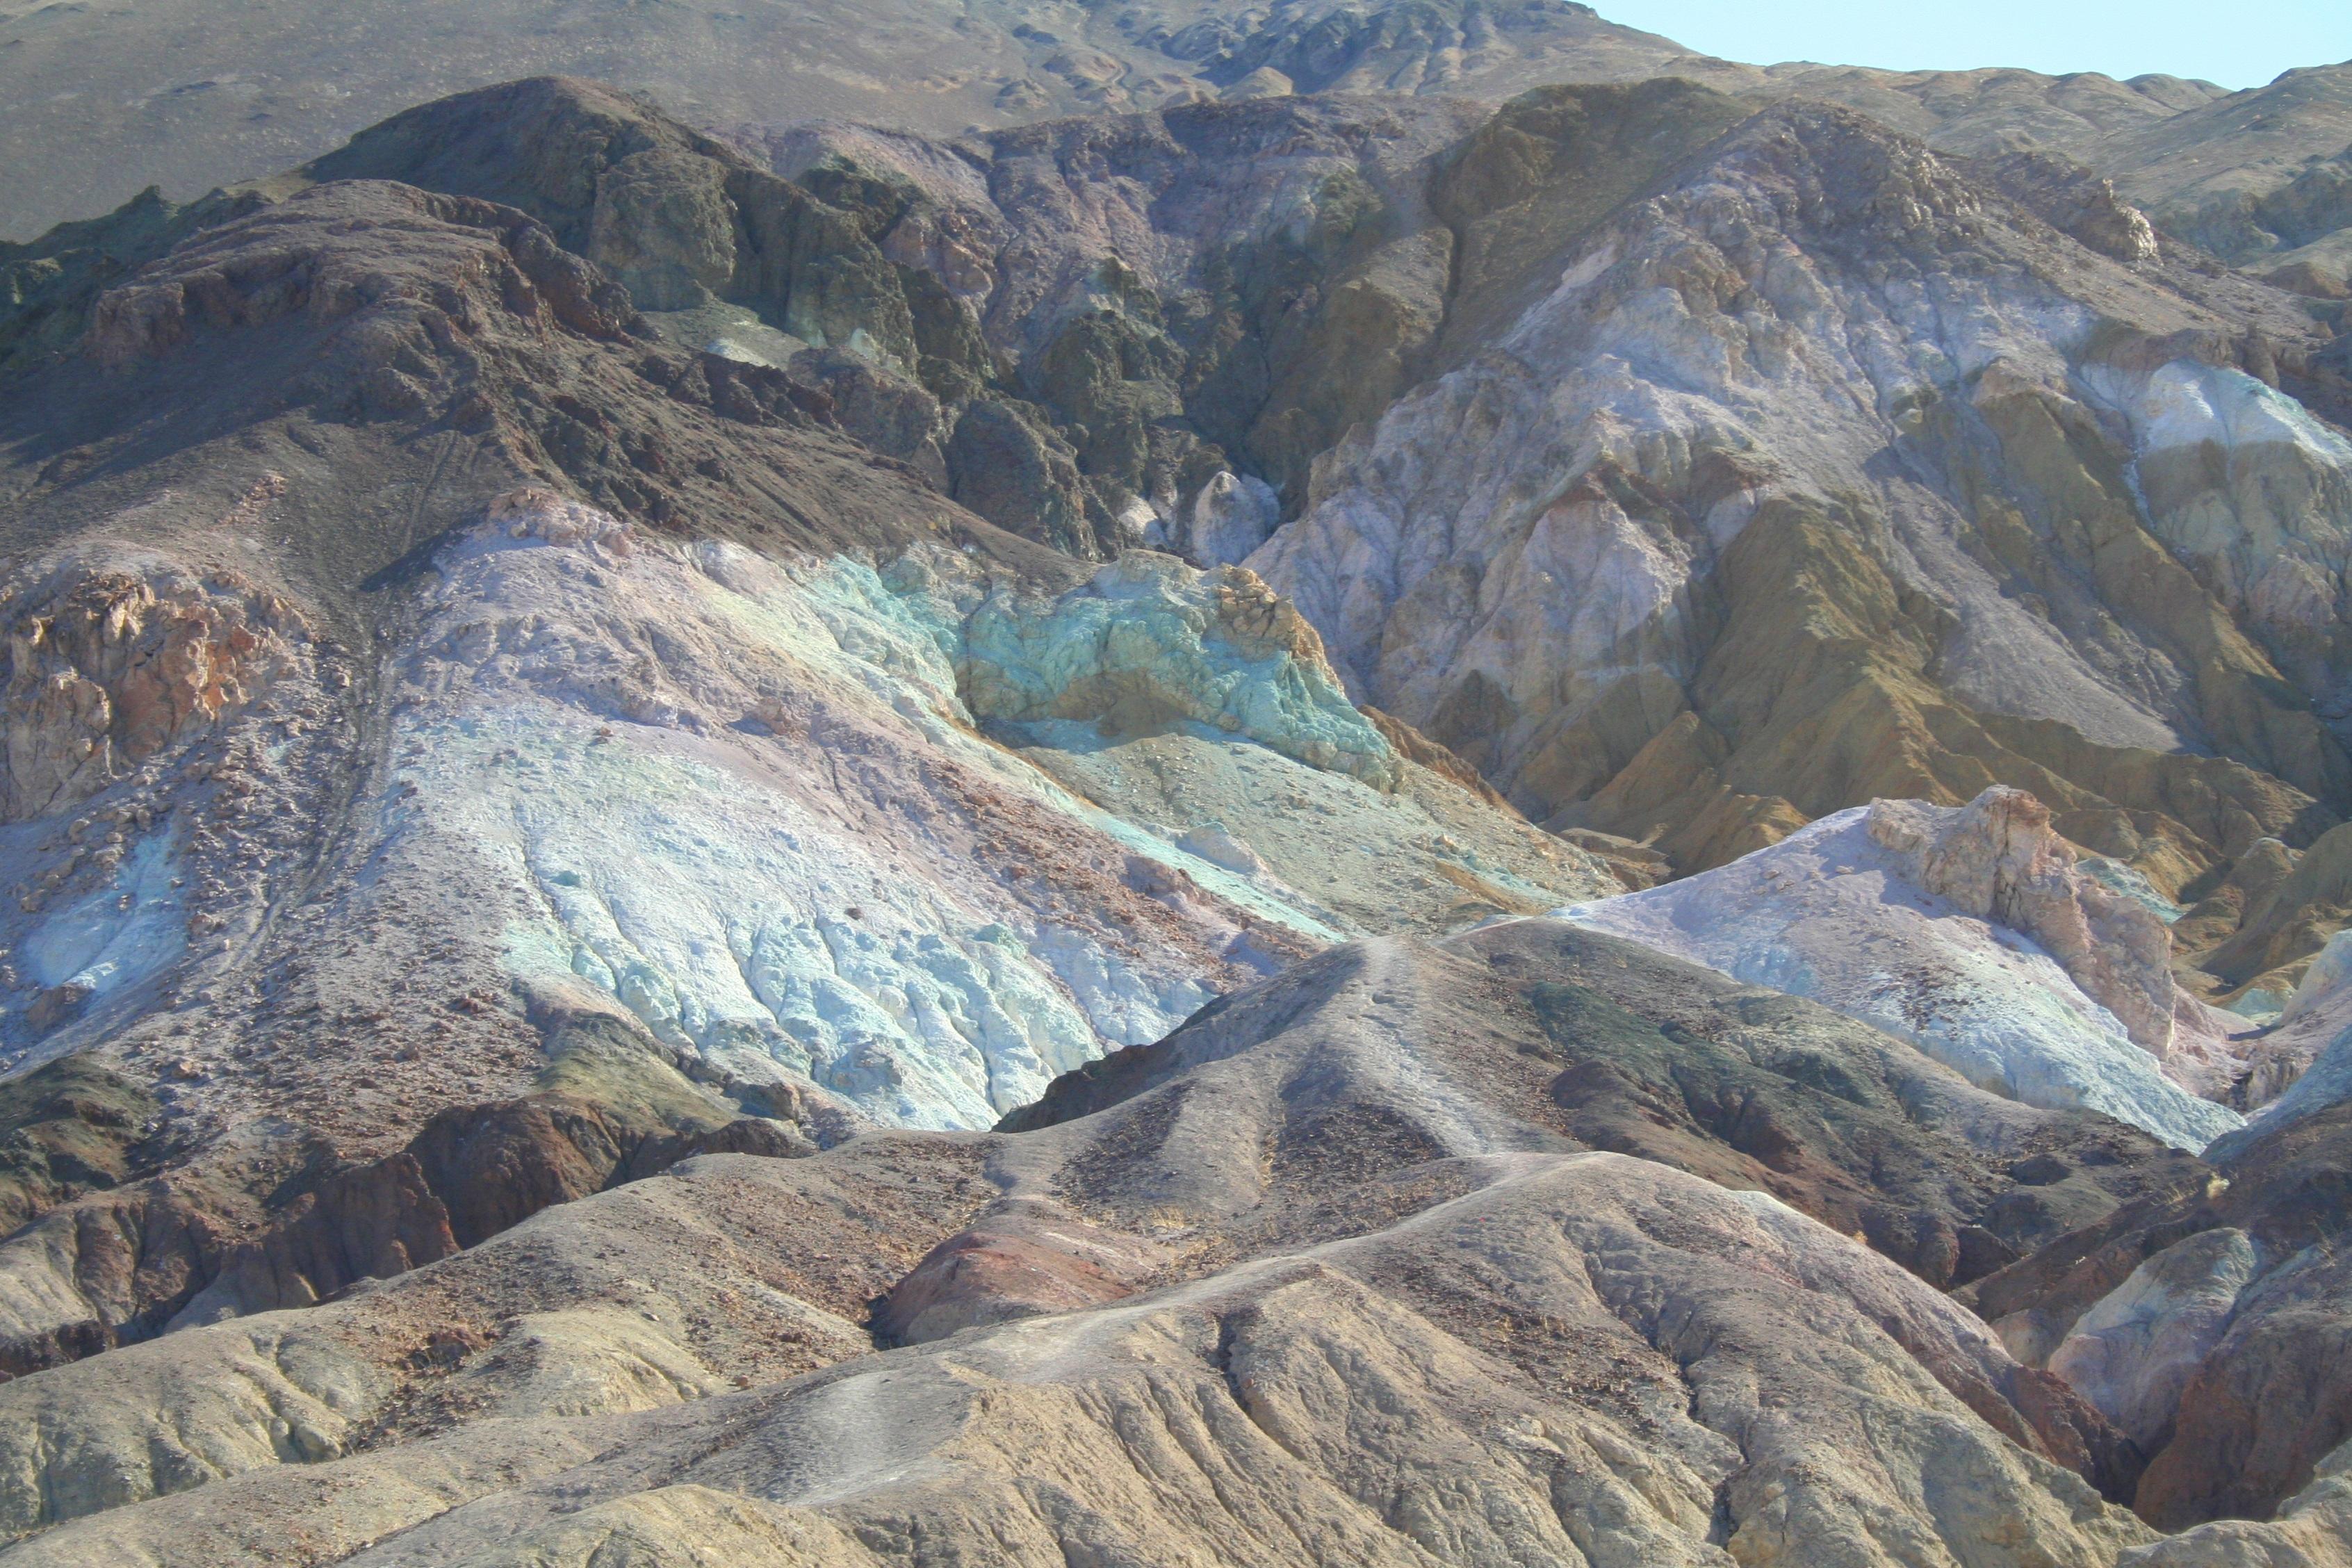 escenarios-de-star-wars-que-puedes-visitar-en-el-mundo-parque-nacional-del-valle-de-la-muerte- california